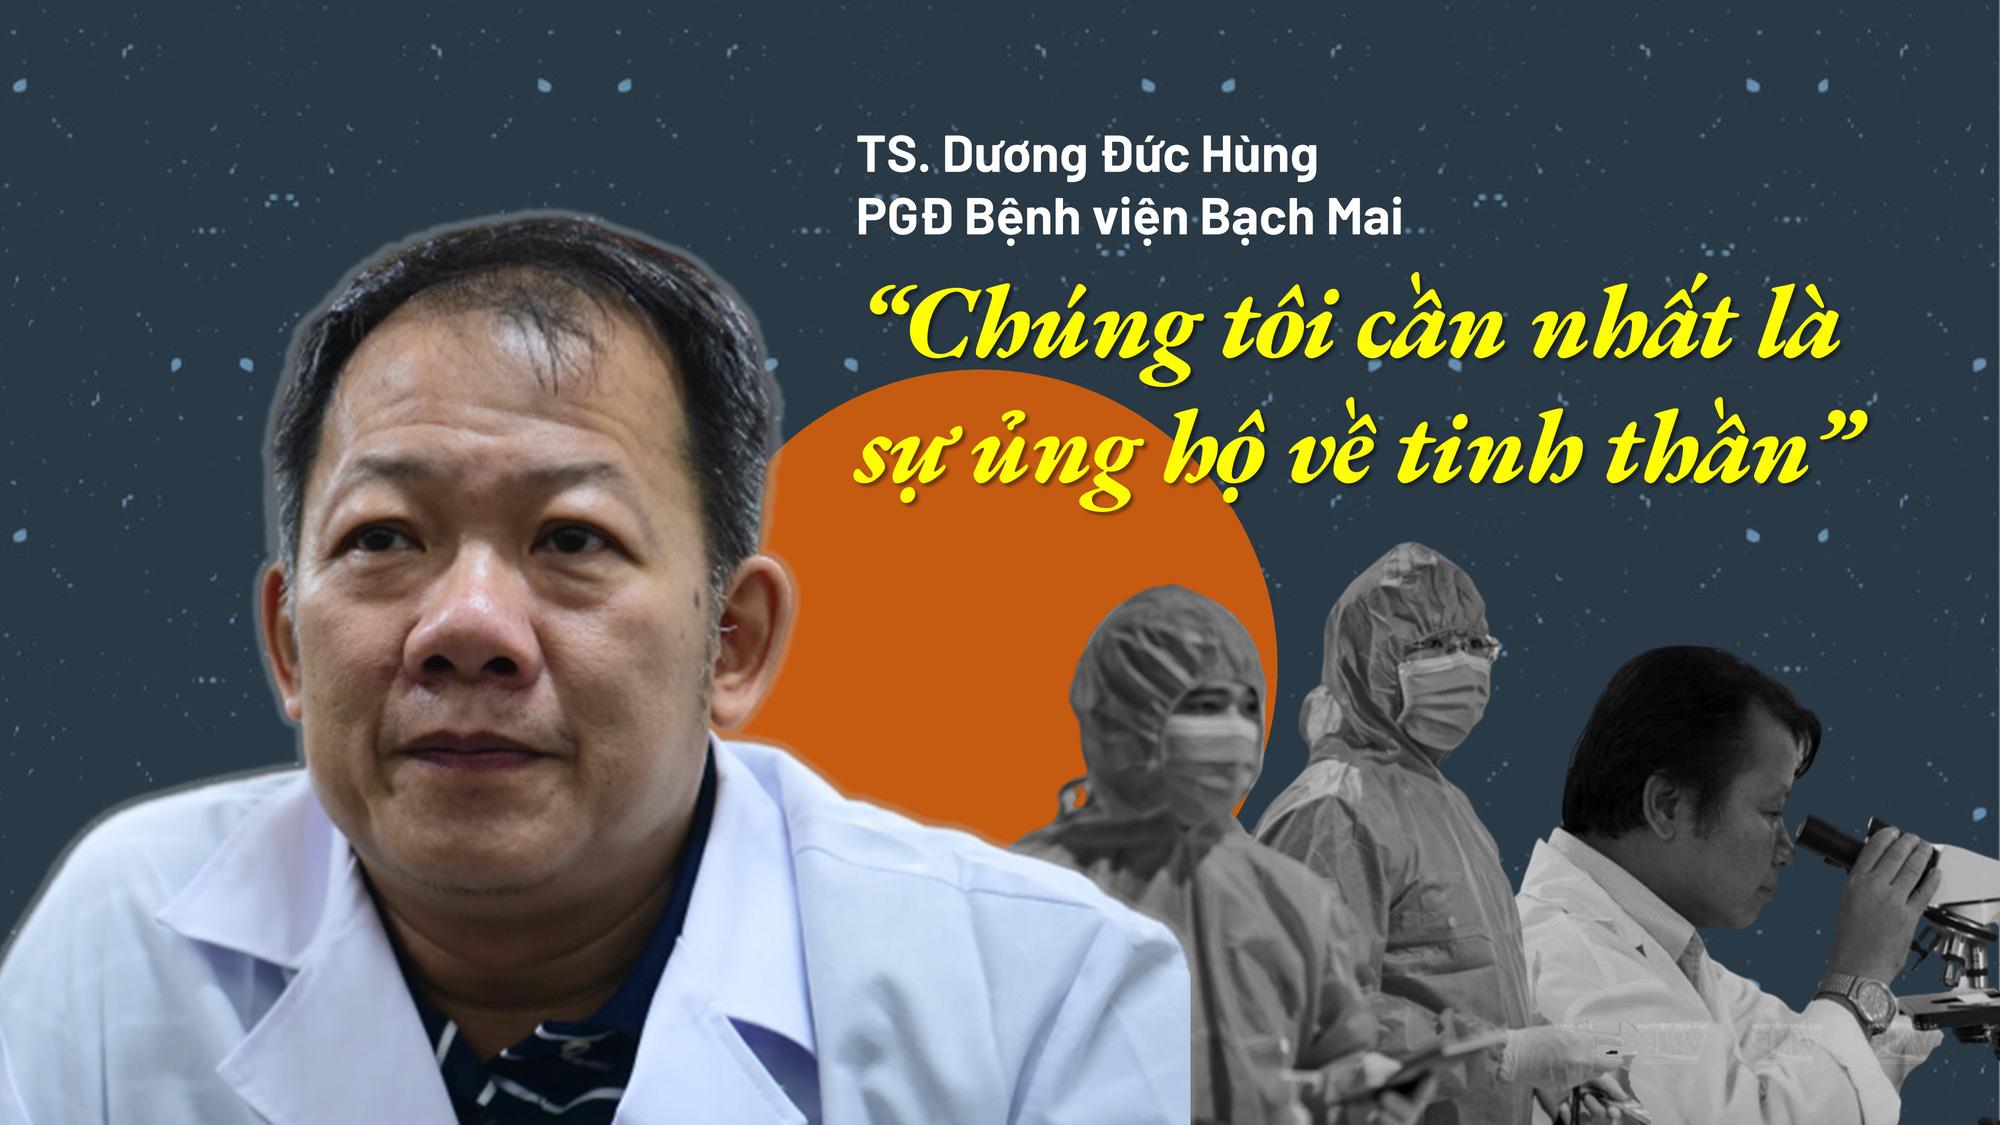 Lãnh đạo Bệnh viện Bạch Mai: 'Chúng tôi cần nhất là sự ủng hộ về tinh thần' - Ảnh 1.